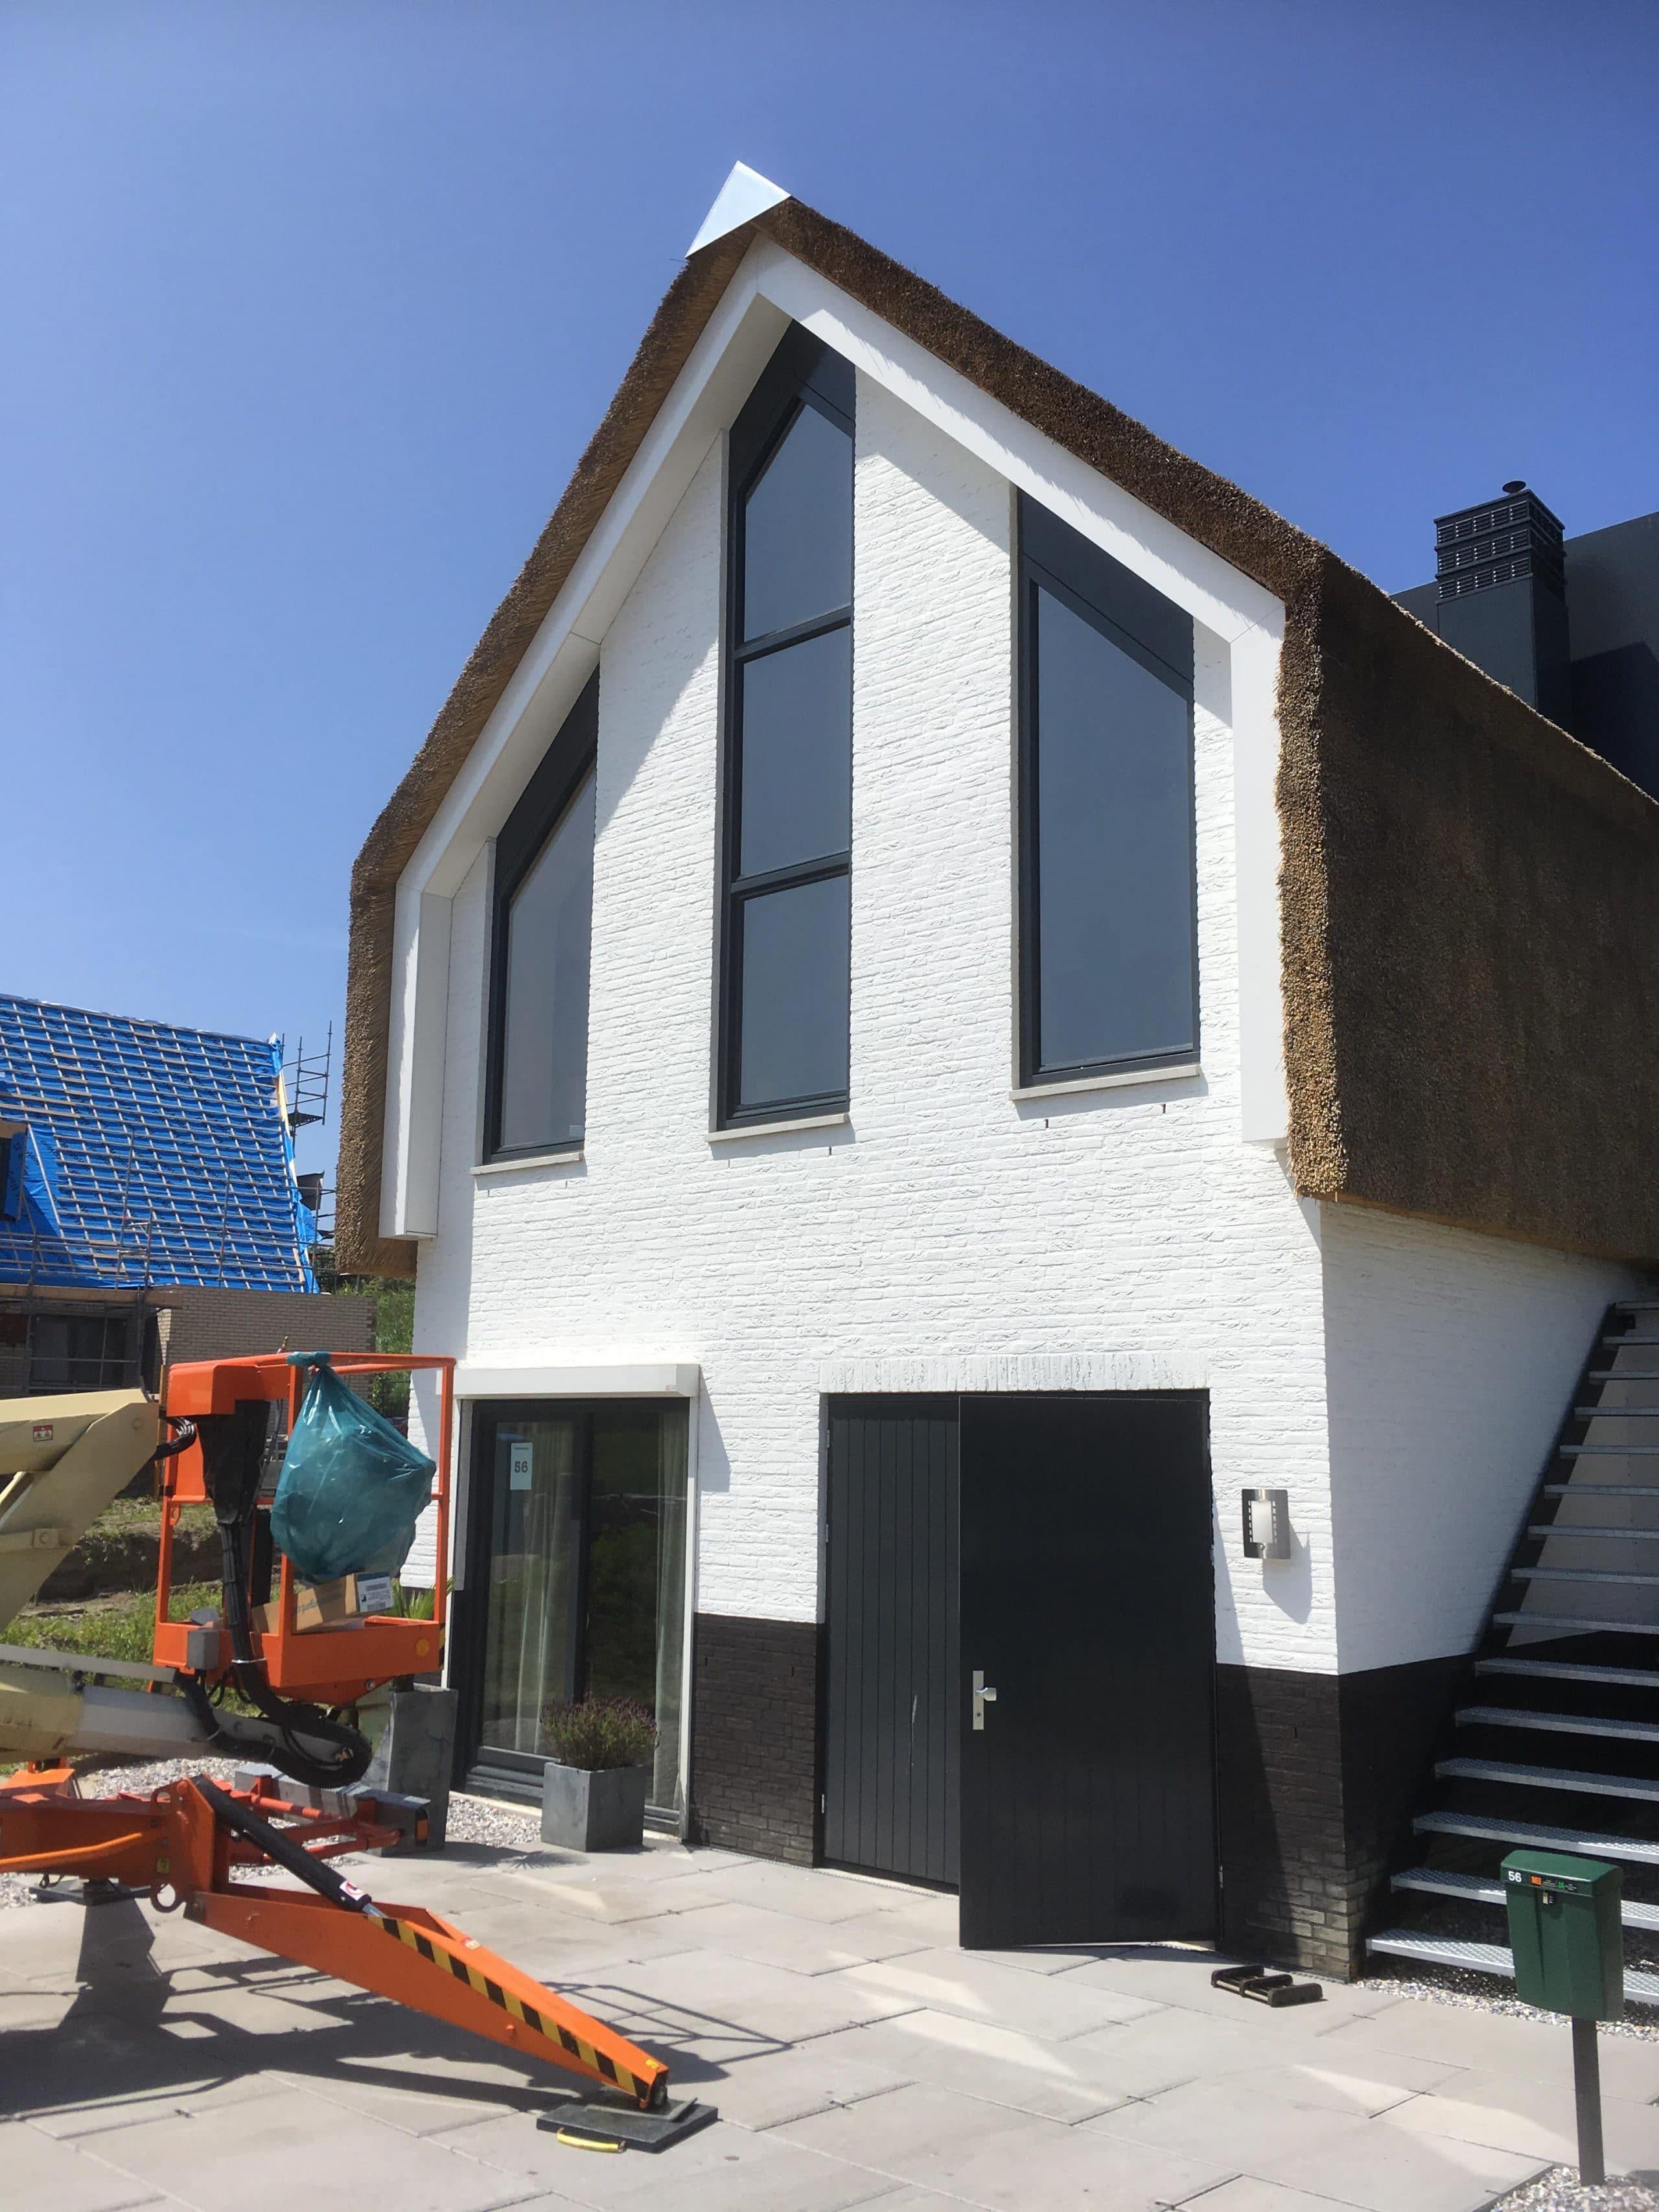 Sunblock Stainless Steel 40 gemonteerd op de ramen van een nieuw bouw woning om de zonnewarmte te reduceren